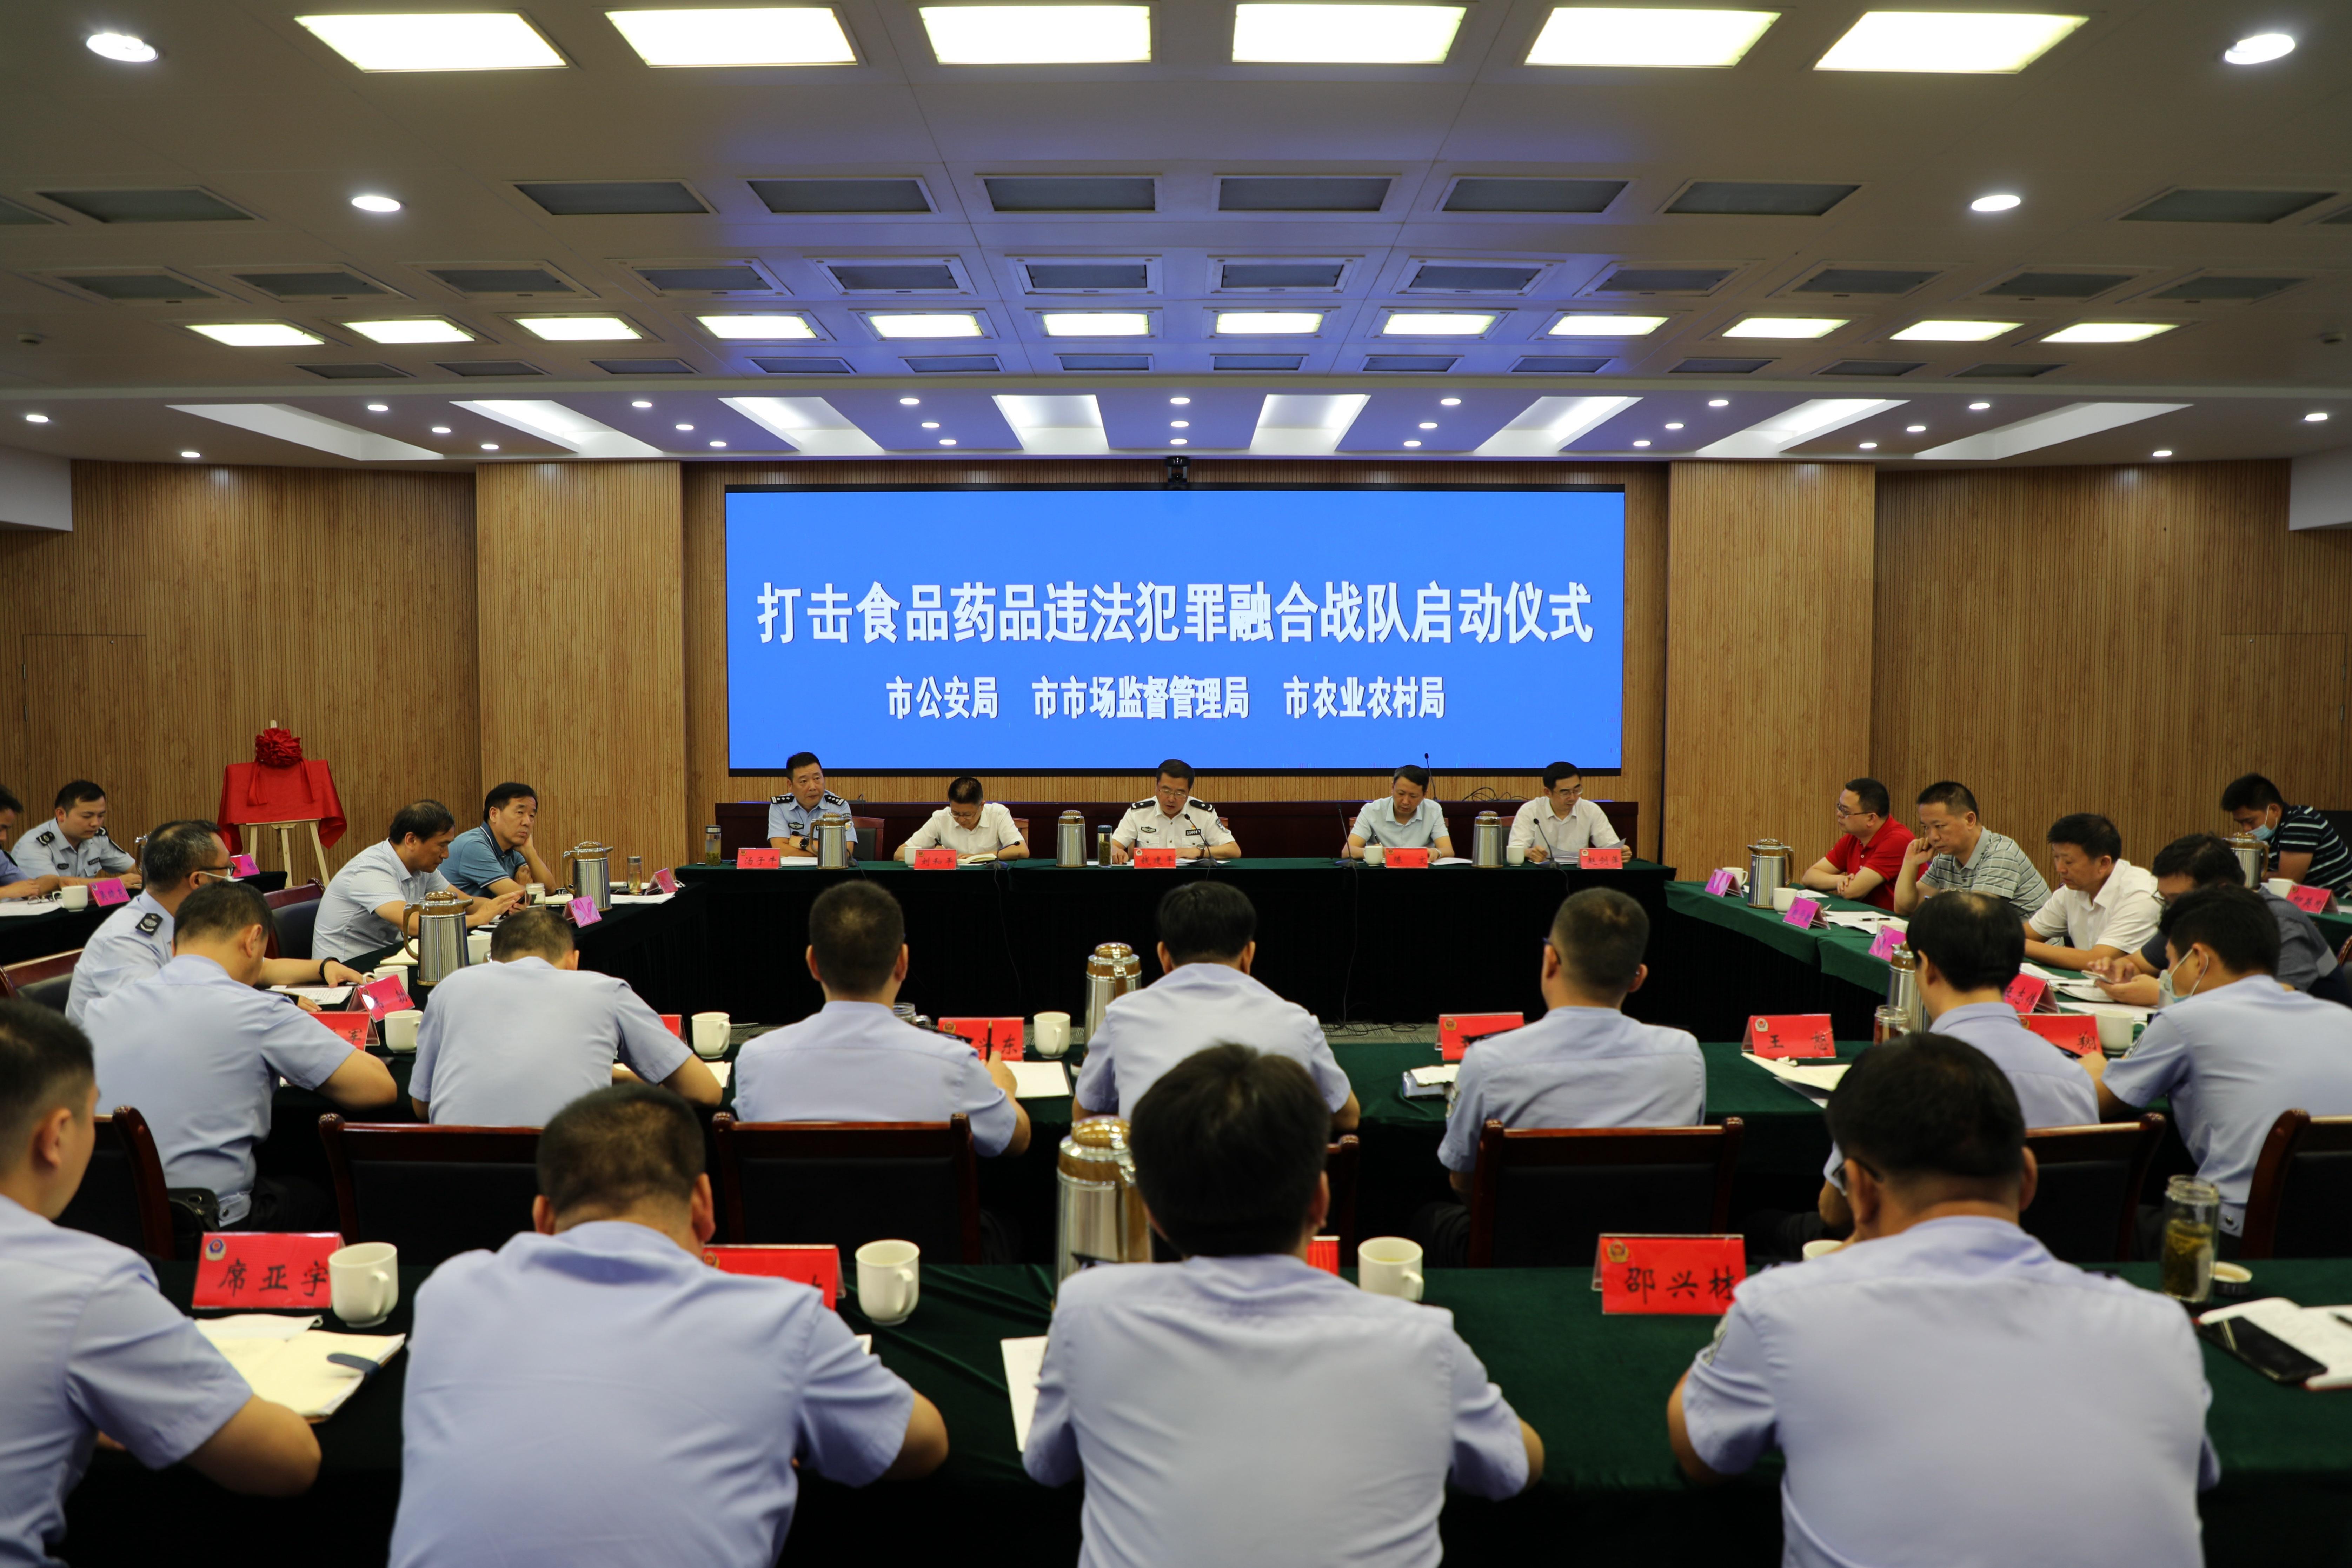 镇江三部门联合成立打击食品药品违法犯罪融合战队